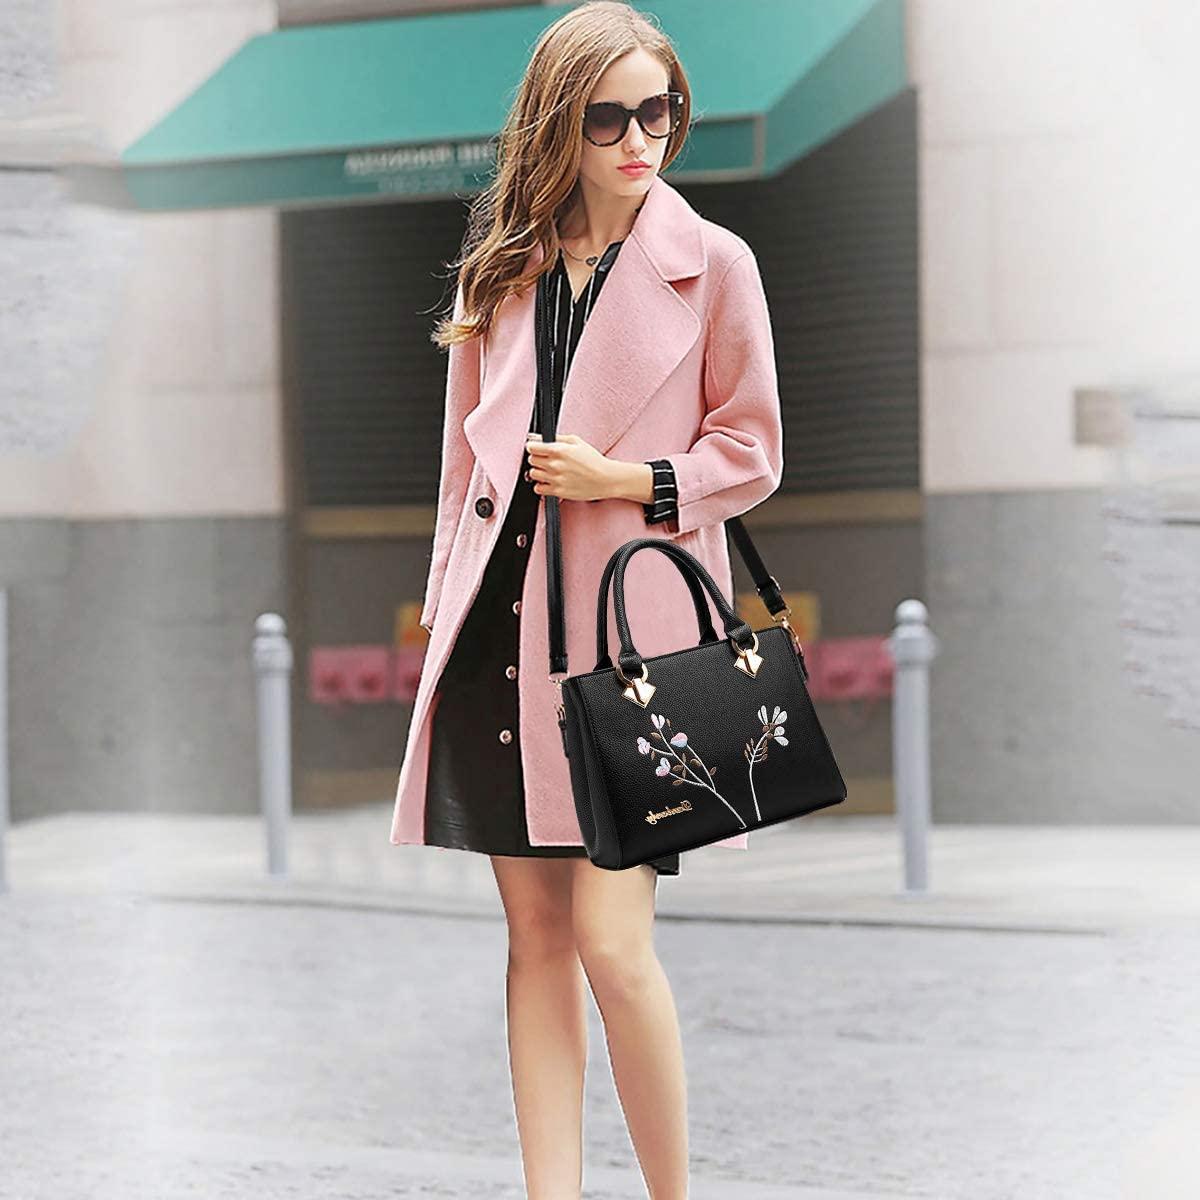 NICOLE&DORIS Retro Women Top Handle Handbags Tote Purse